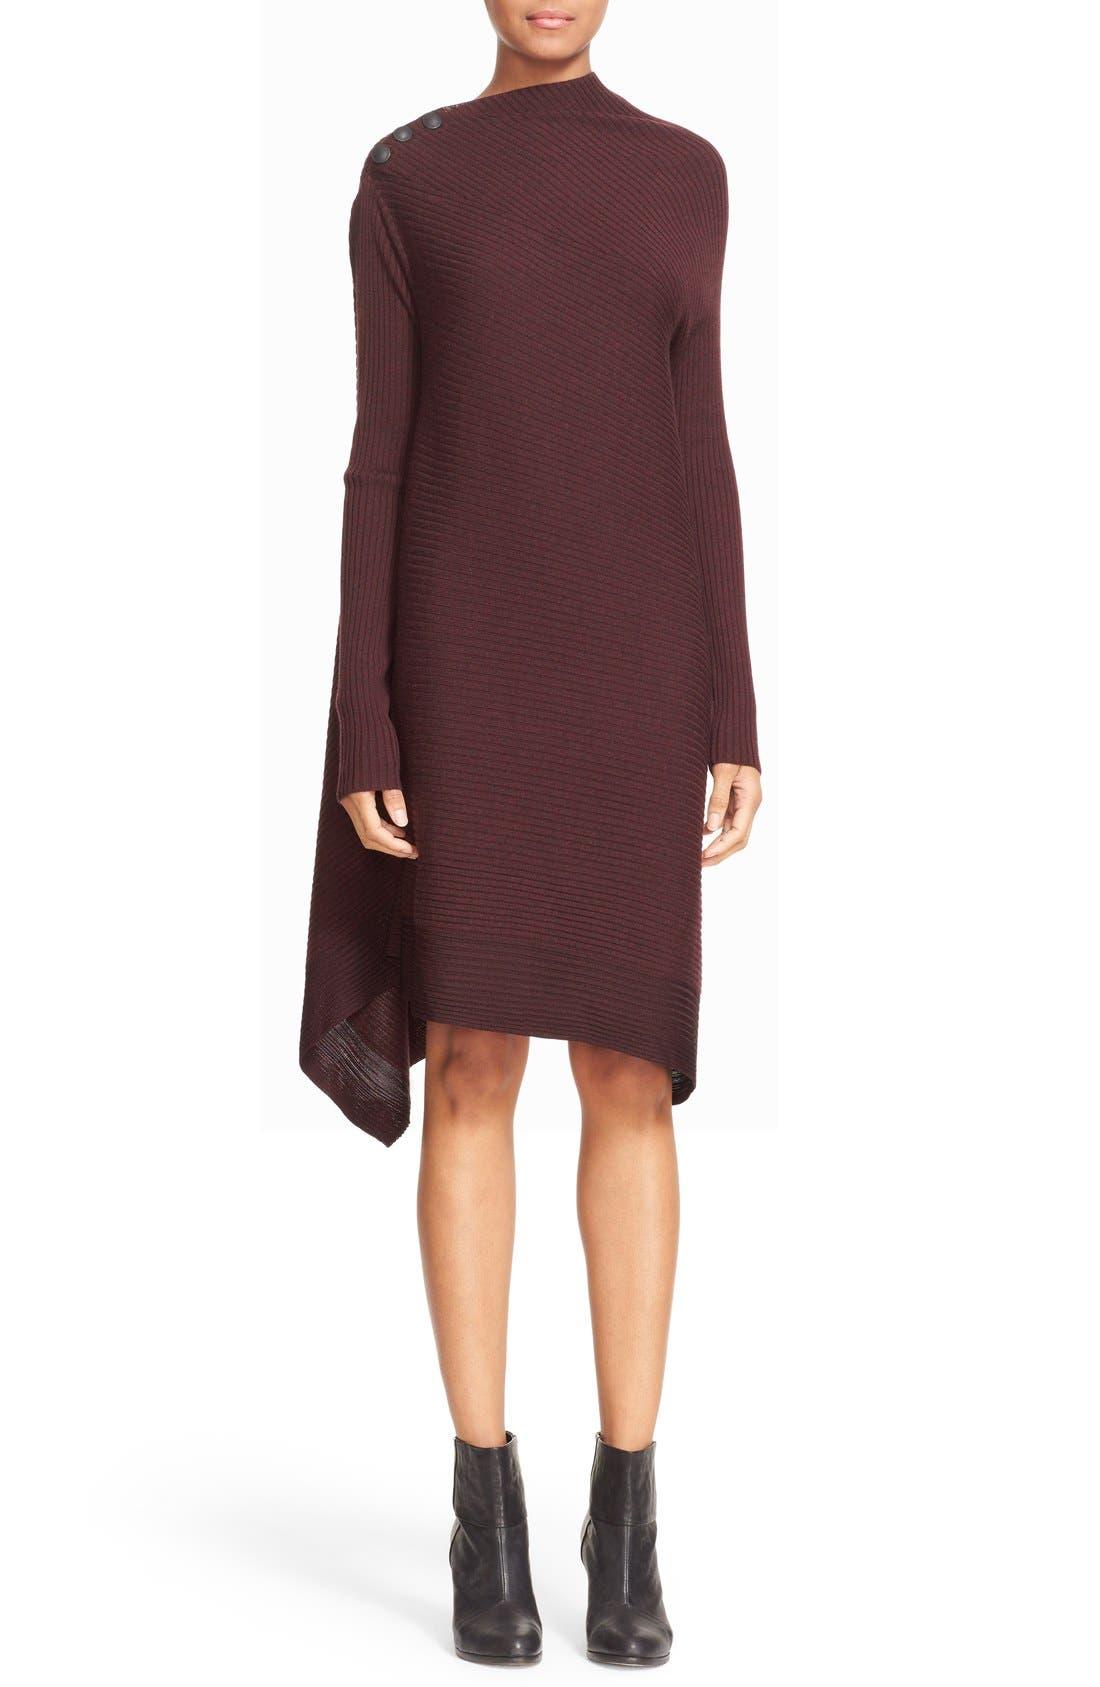 Knit Merino Wool Swing Dress, Main, color, 930